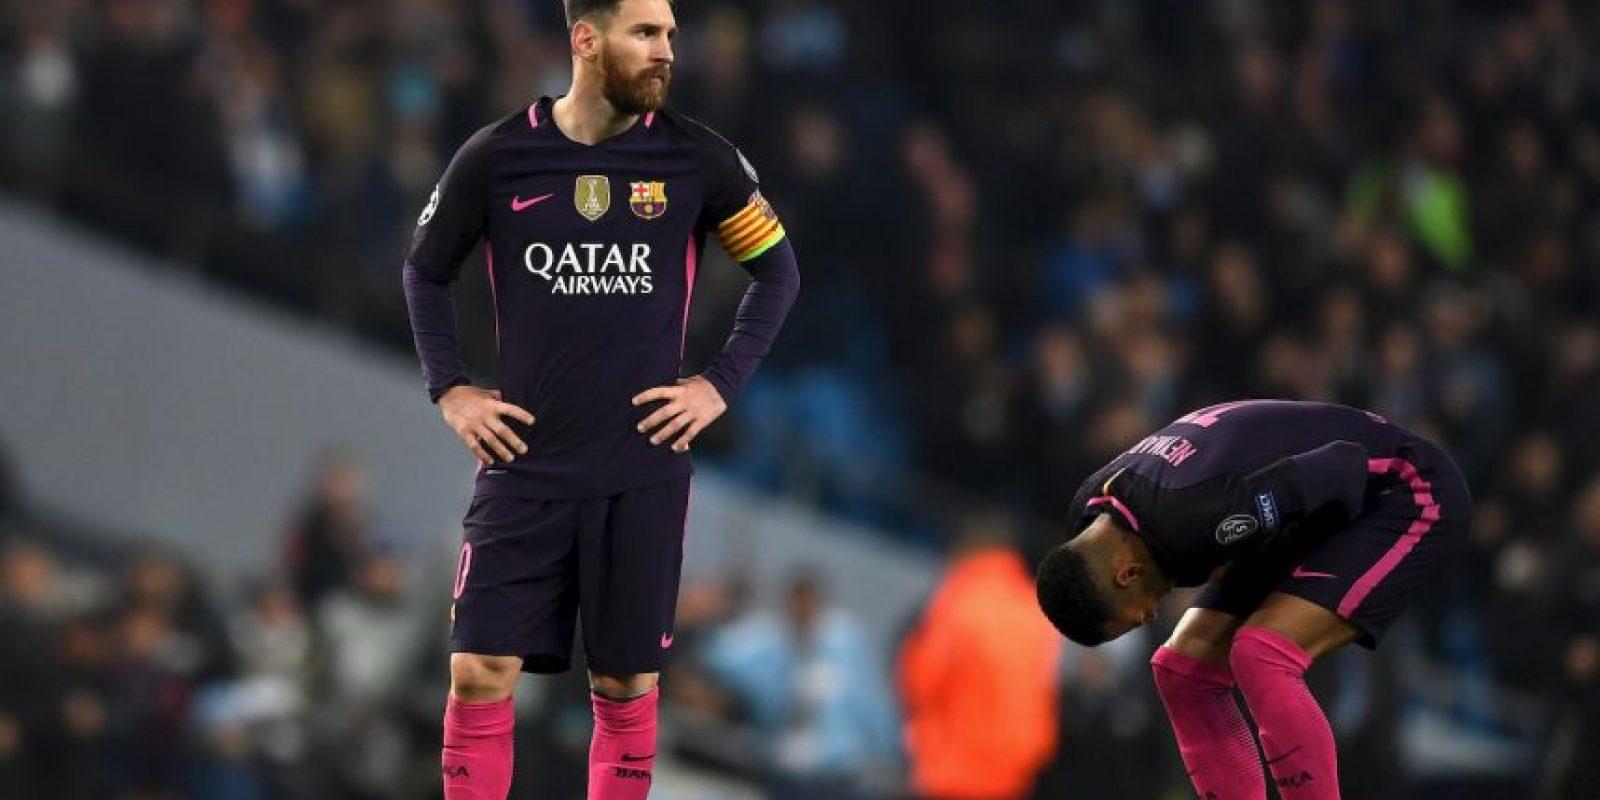 Luego de la derrota ante Manchester City, Lionel Messi se habría enfrentado con los jugadores locales. Foto:Getty Images